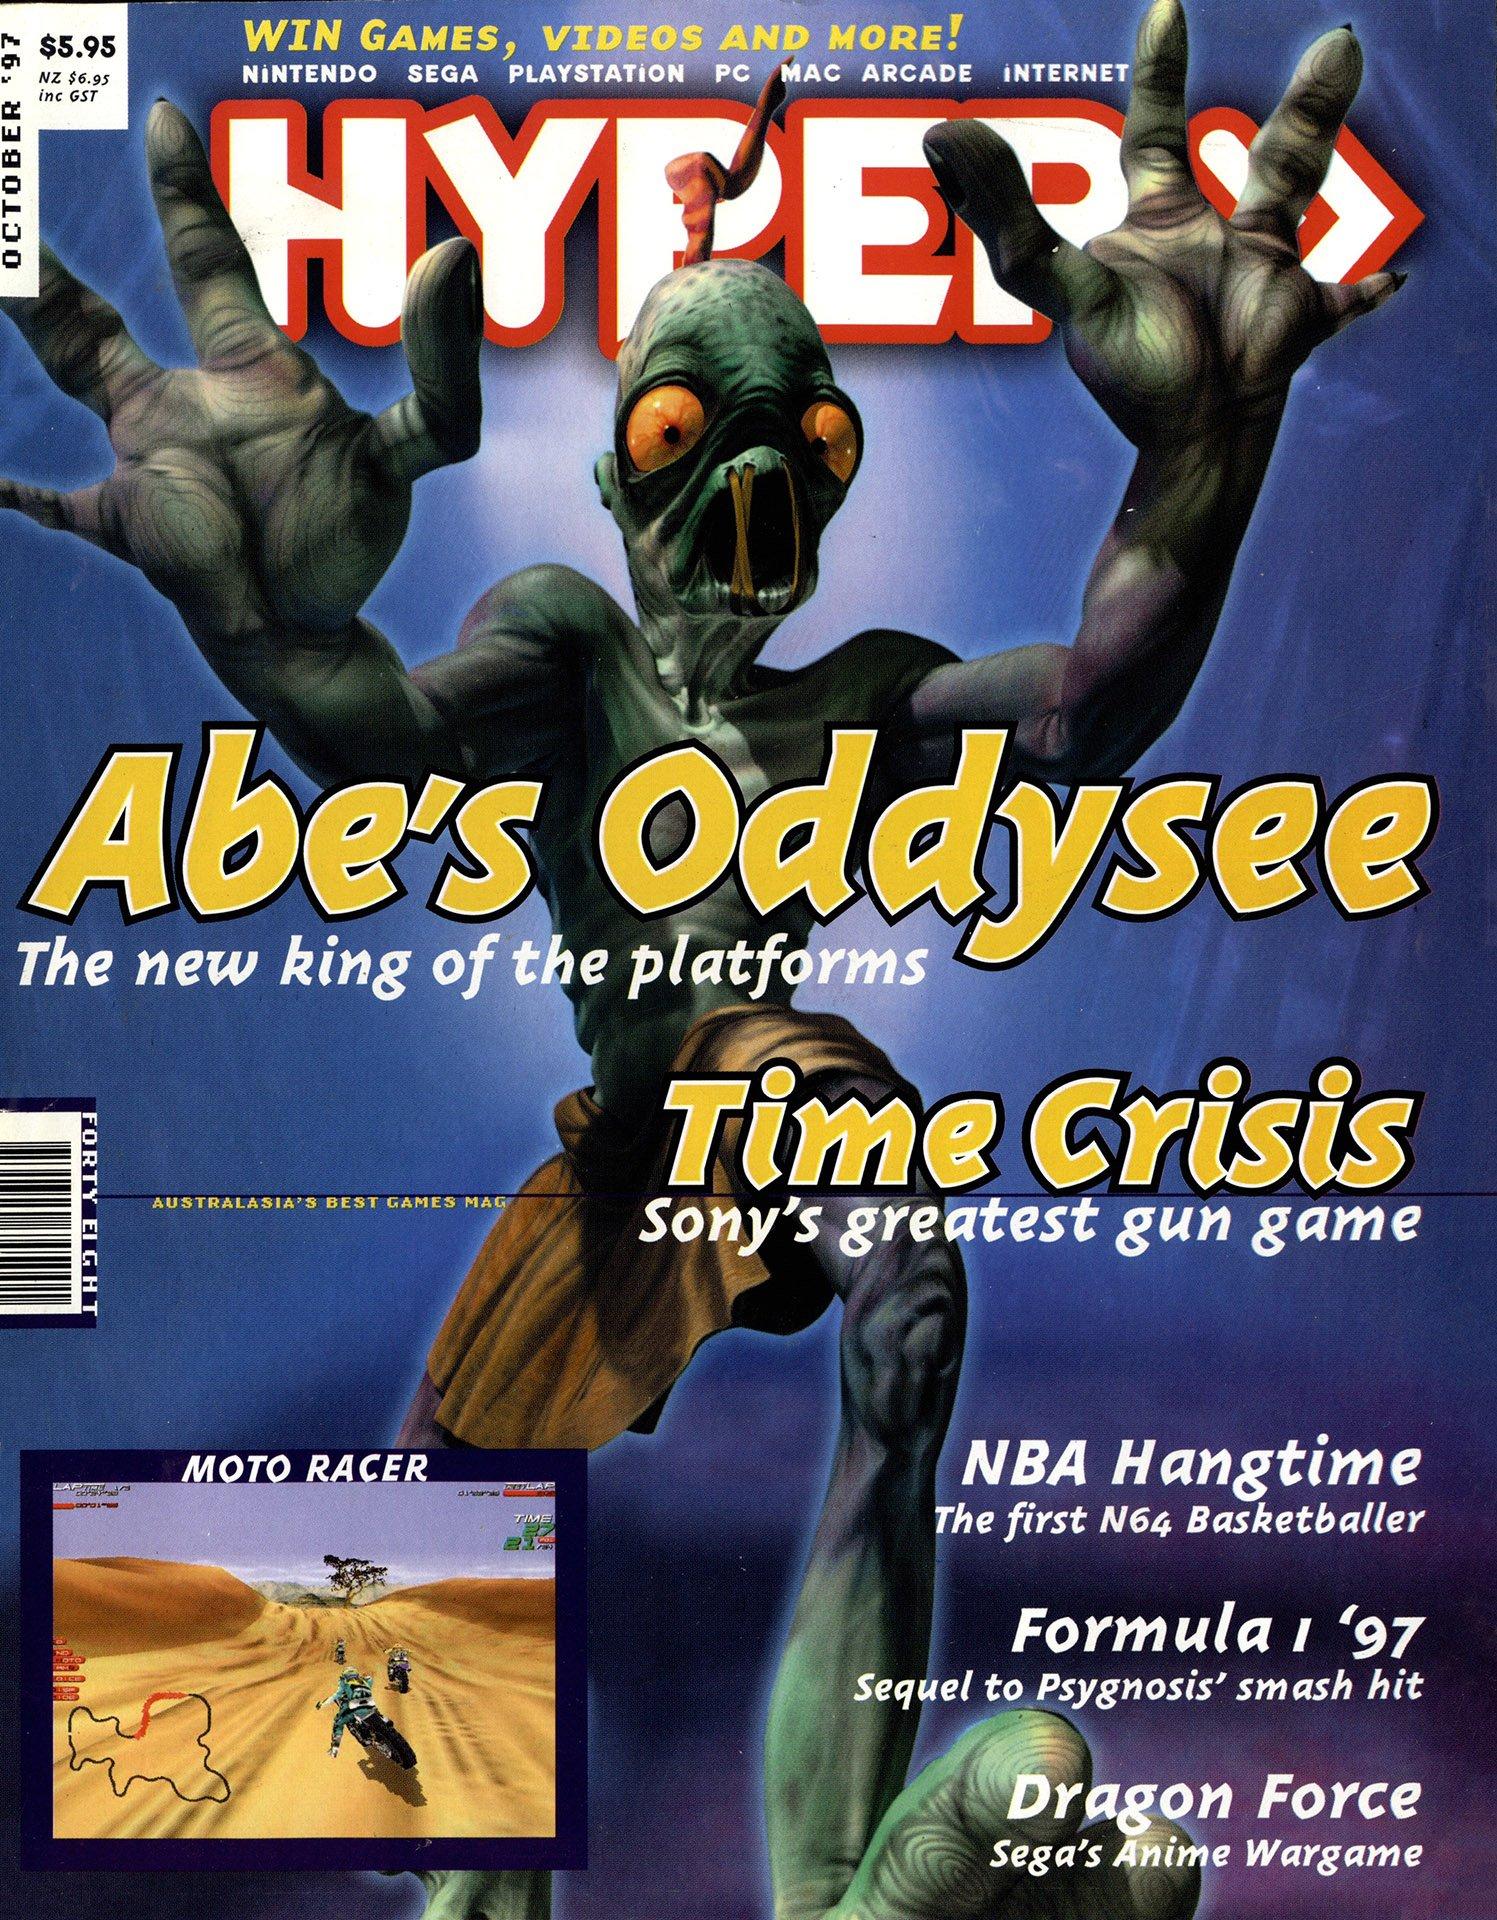 Hyper 048 (October 1997)